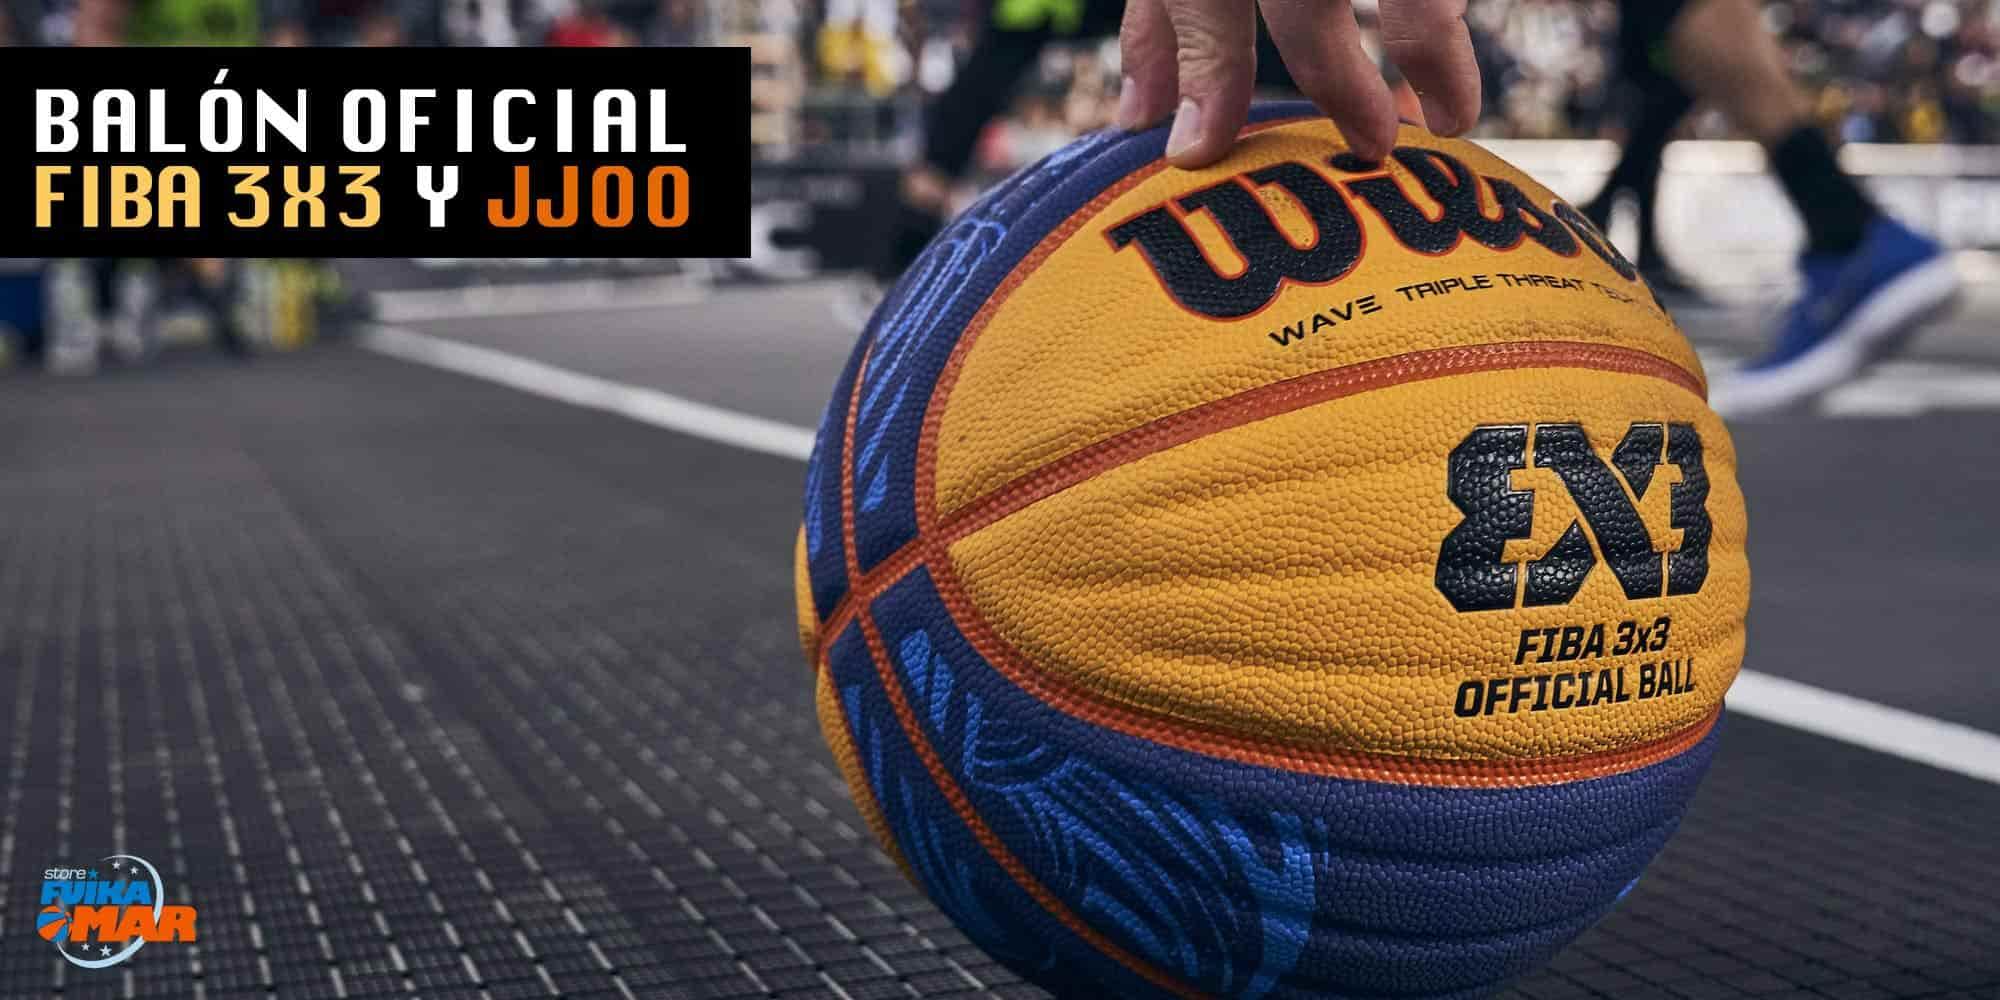 balon Wilson 3x3 Fiba oficial baloncesto